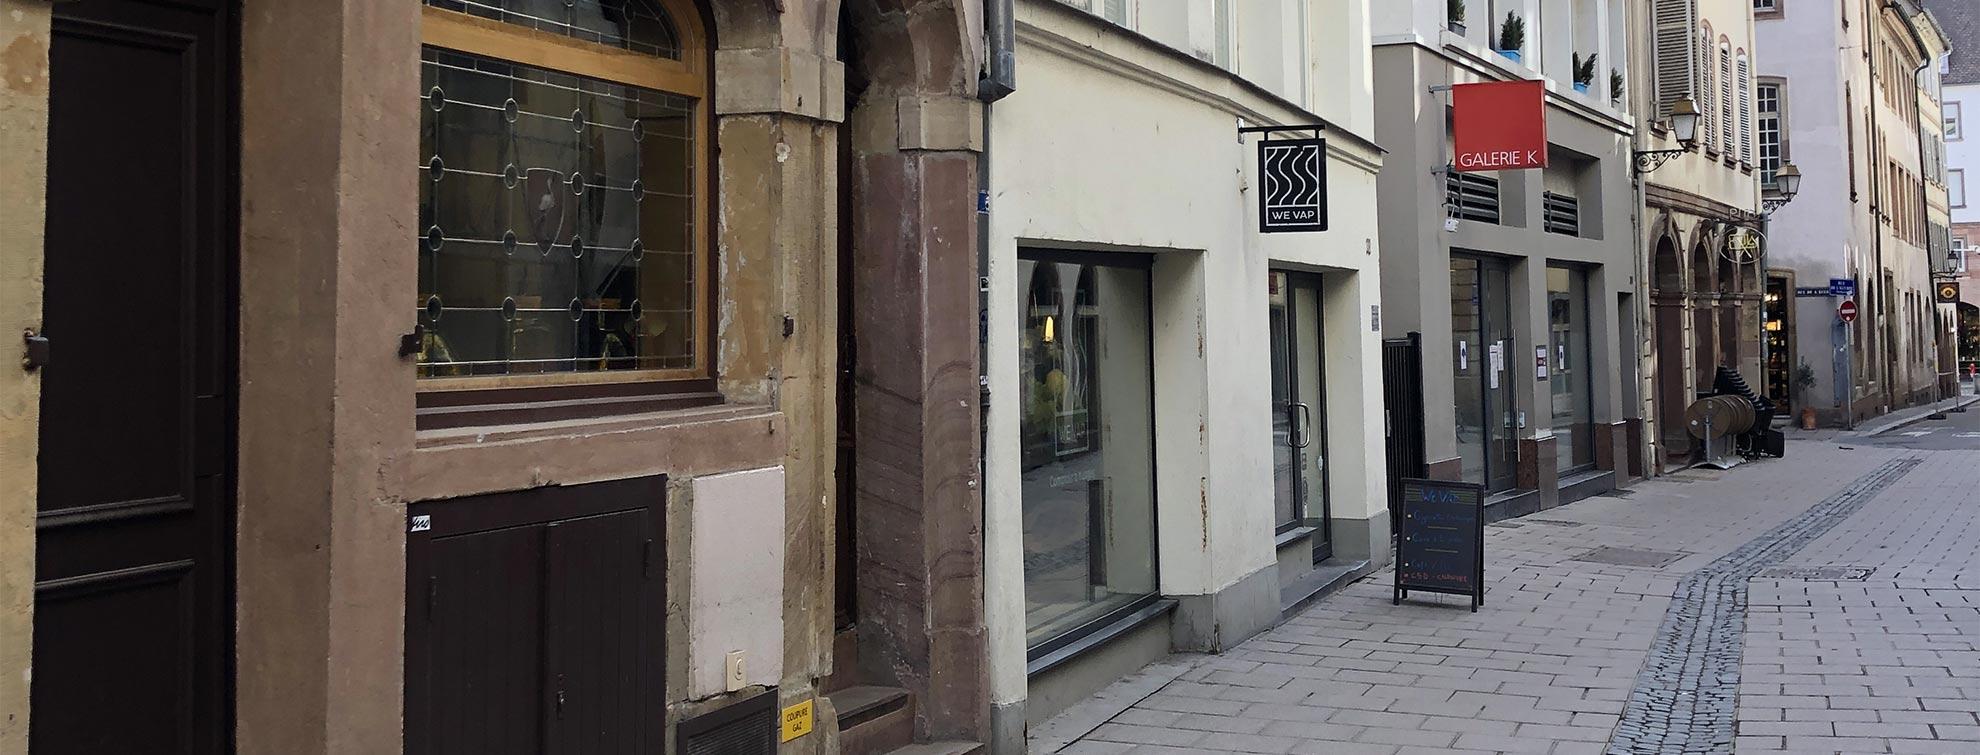 Rue de l'Ail